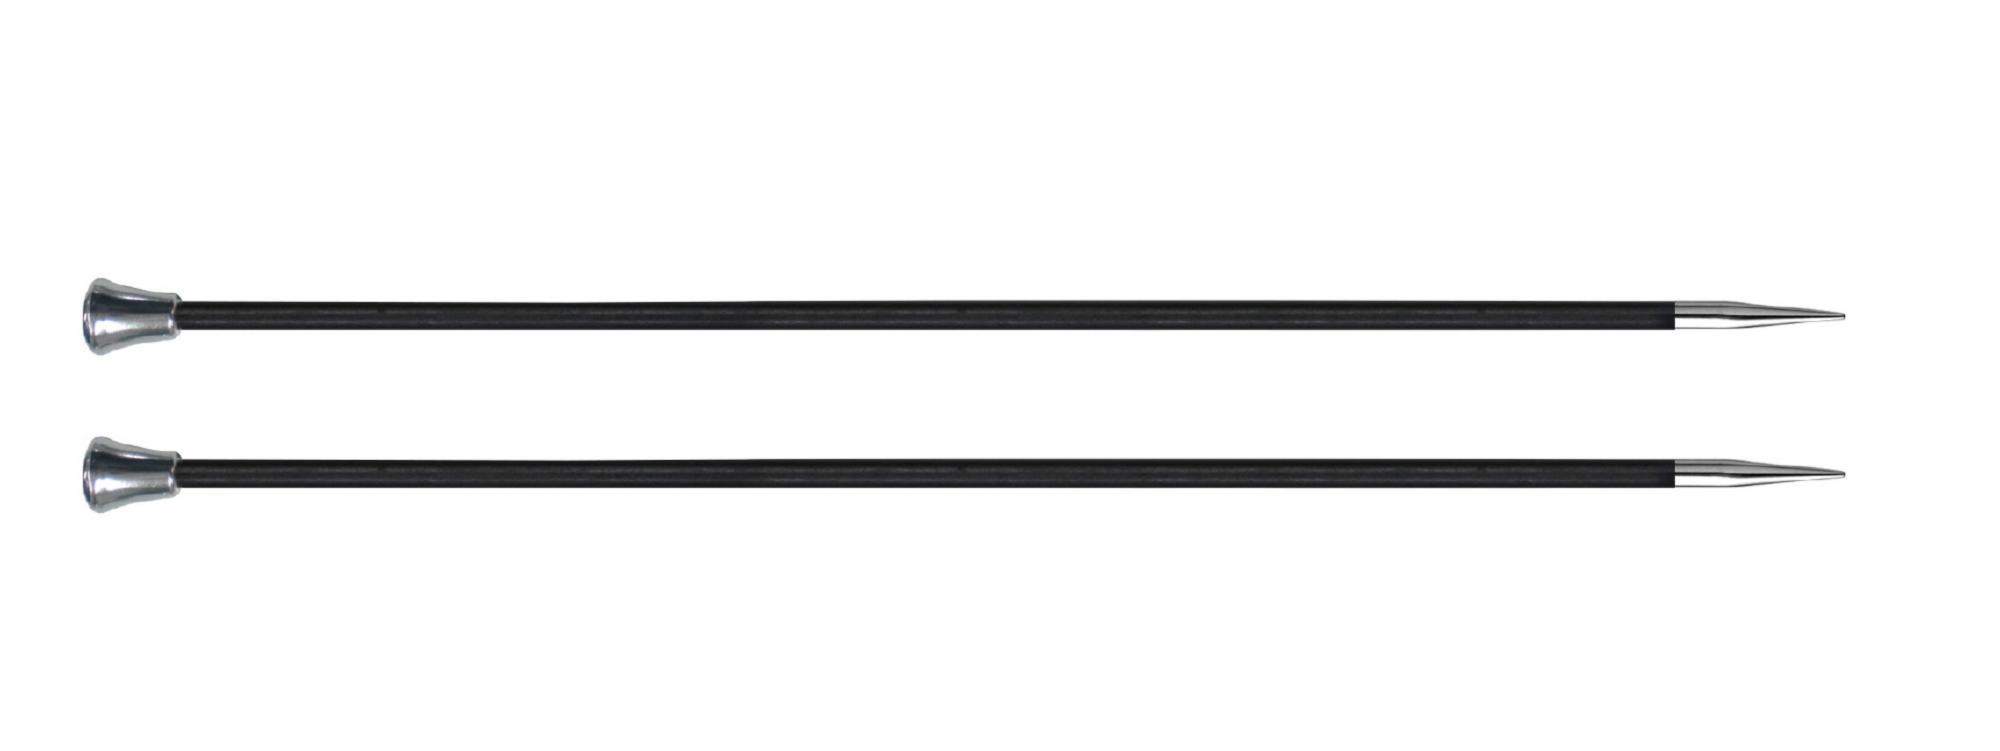 Спицы прямые 35 см Karbonz KnitPro, 41282, 2.50 мм